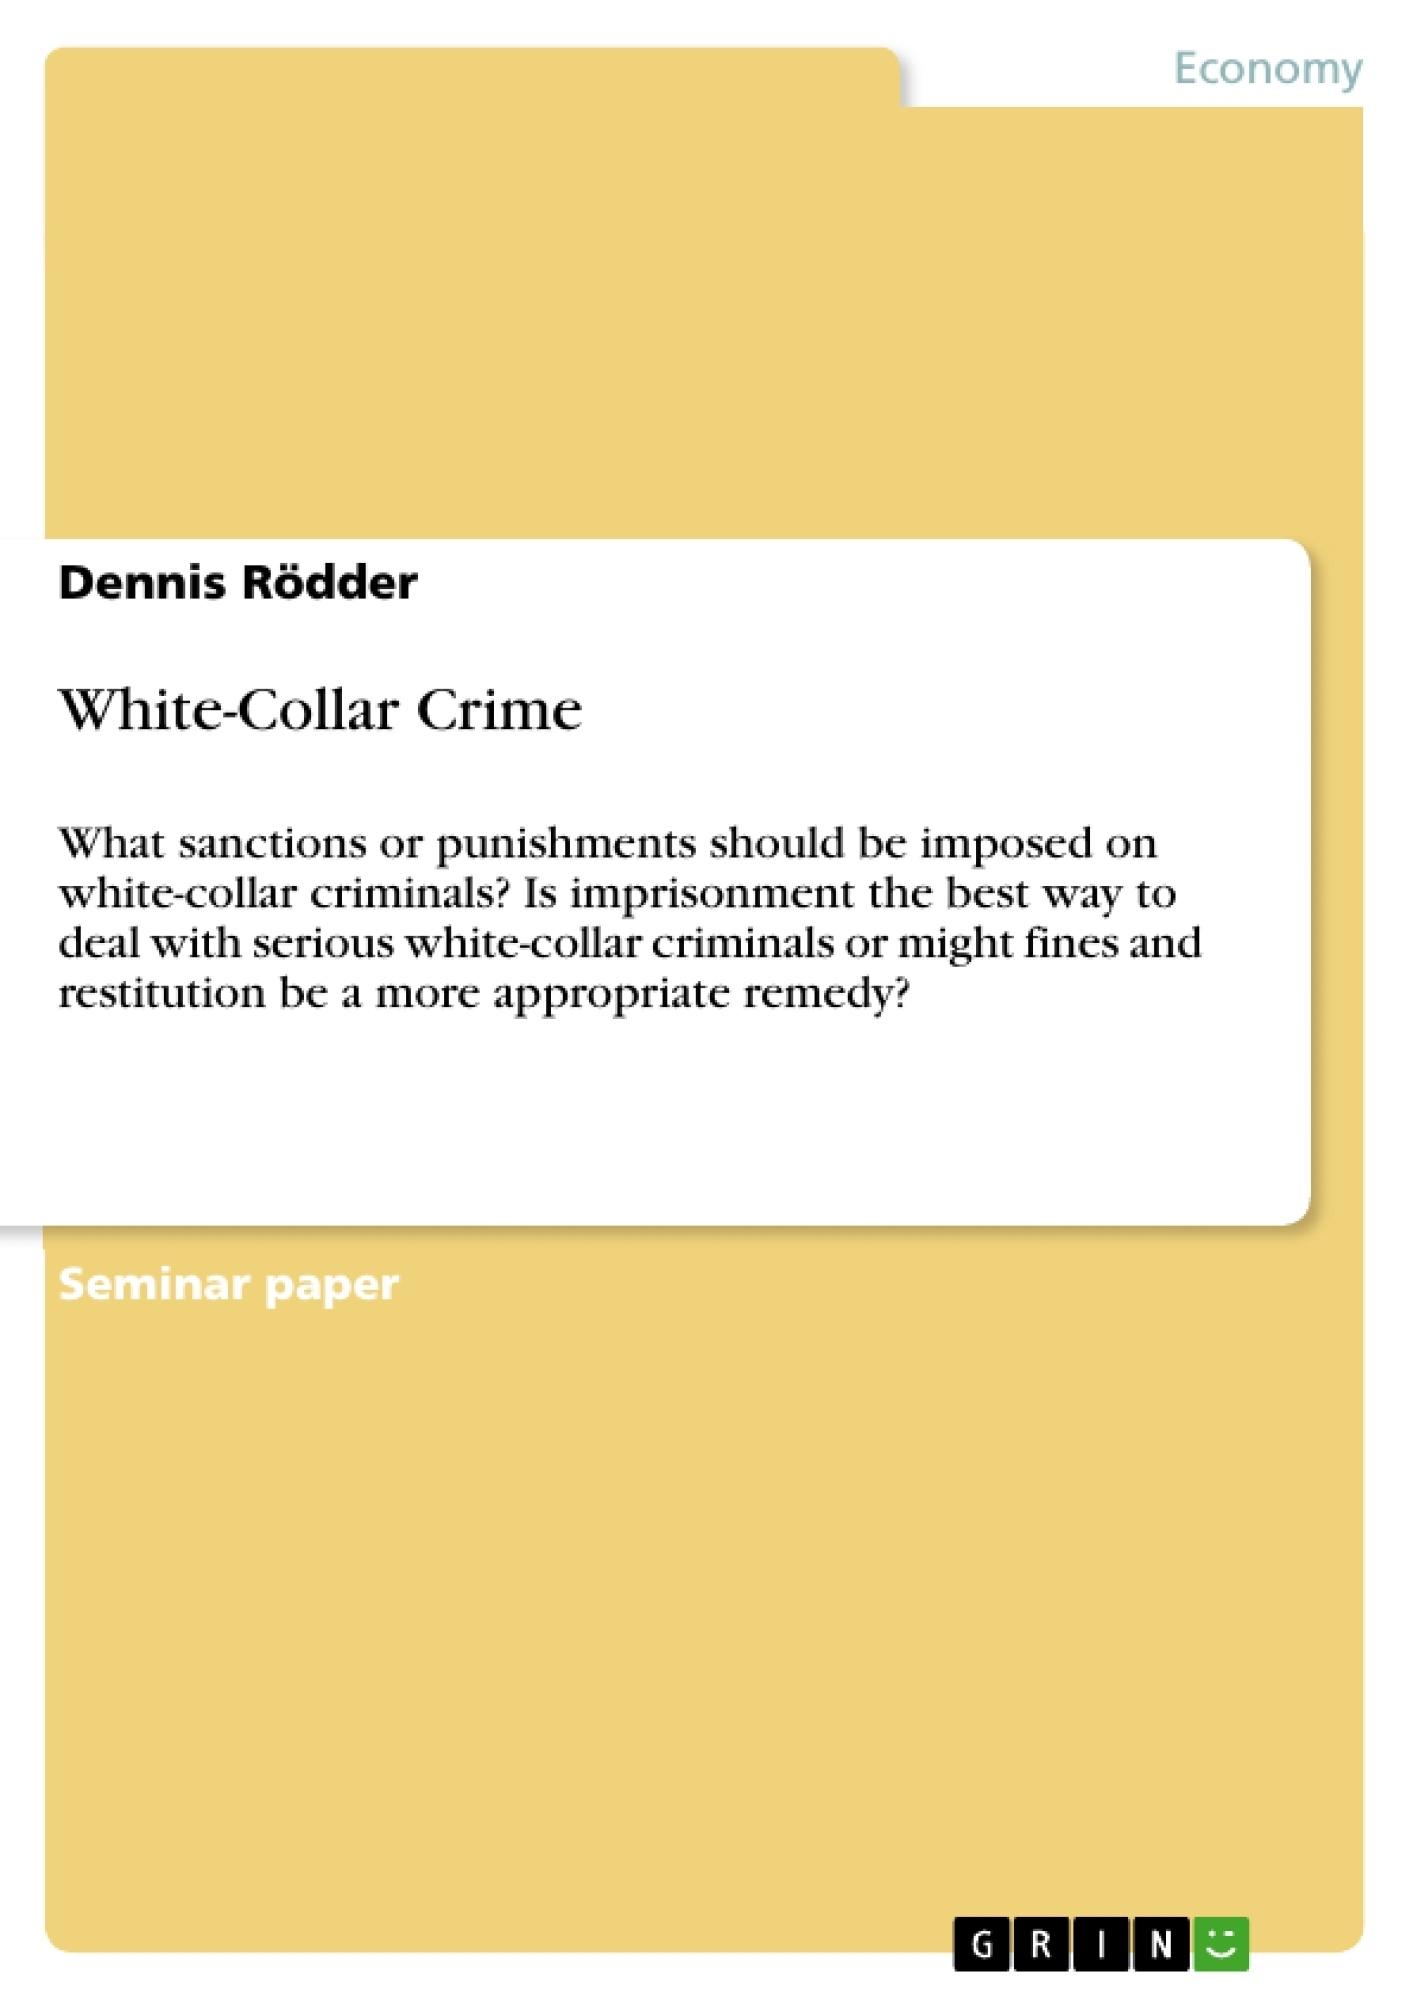 Title: White-Collar Crime